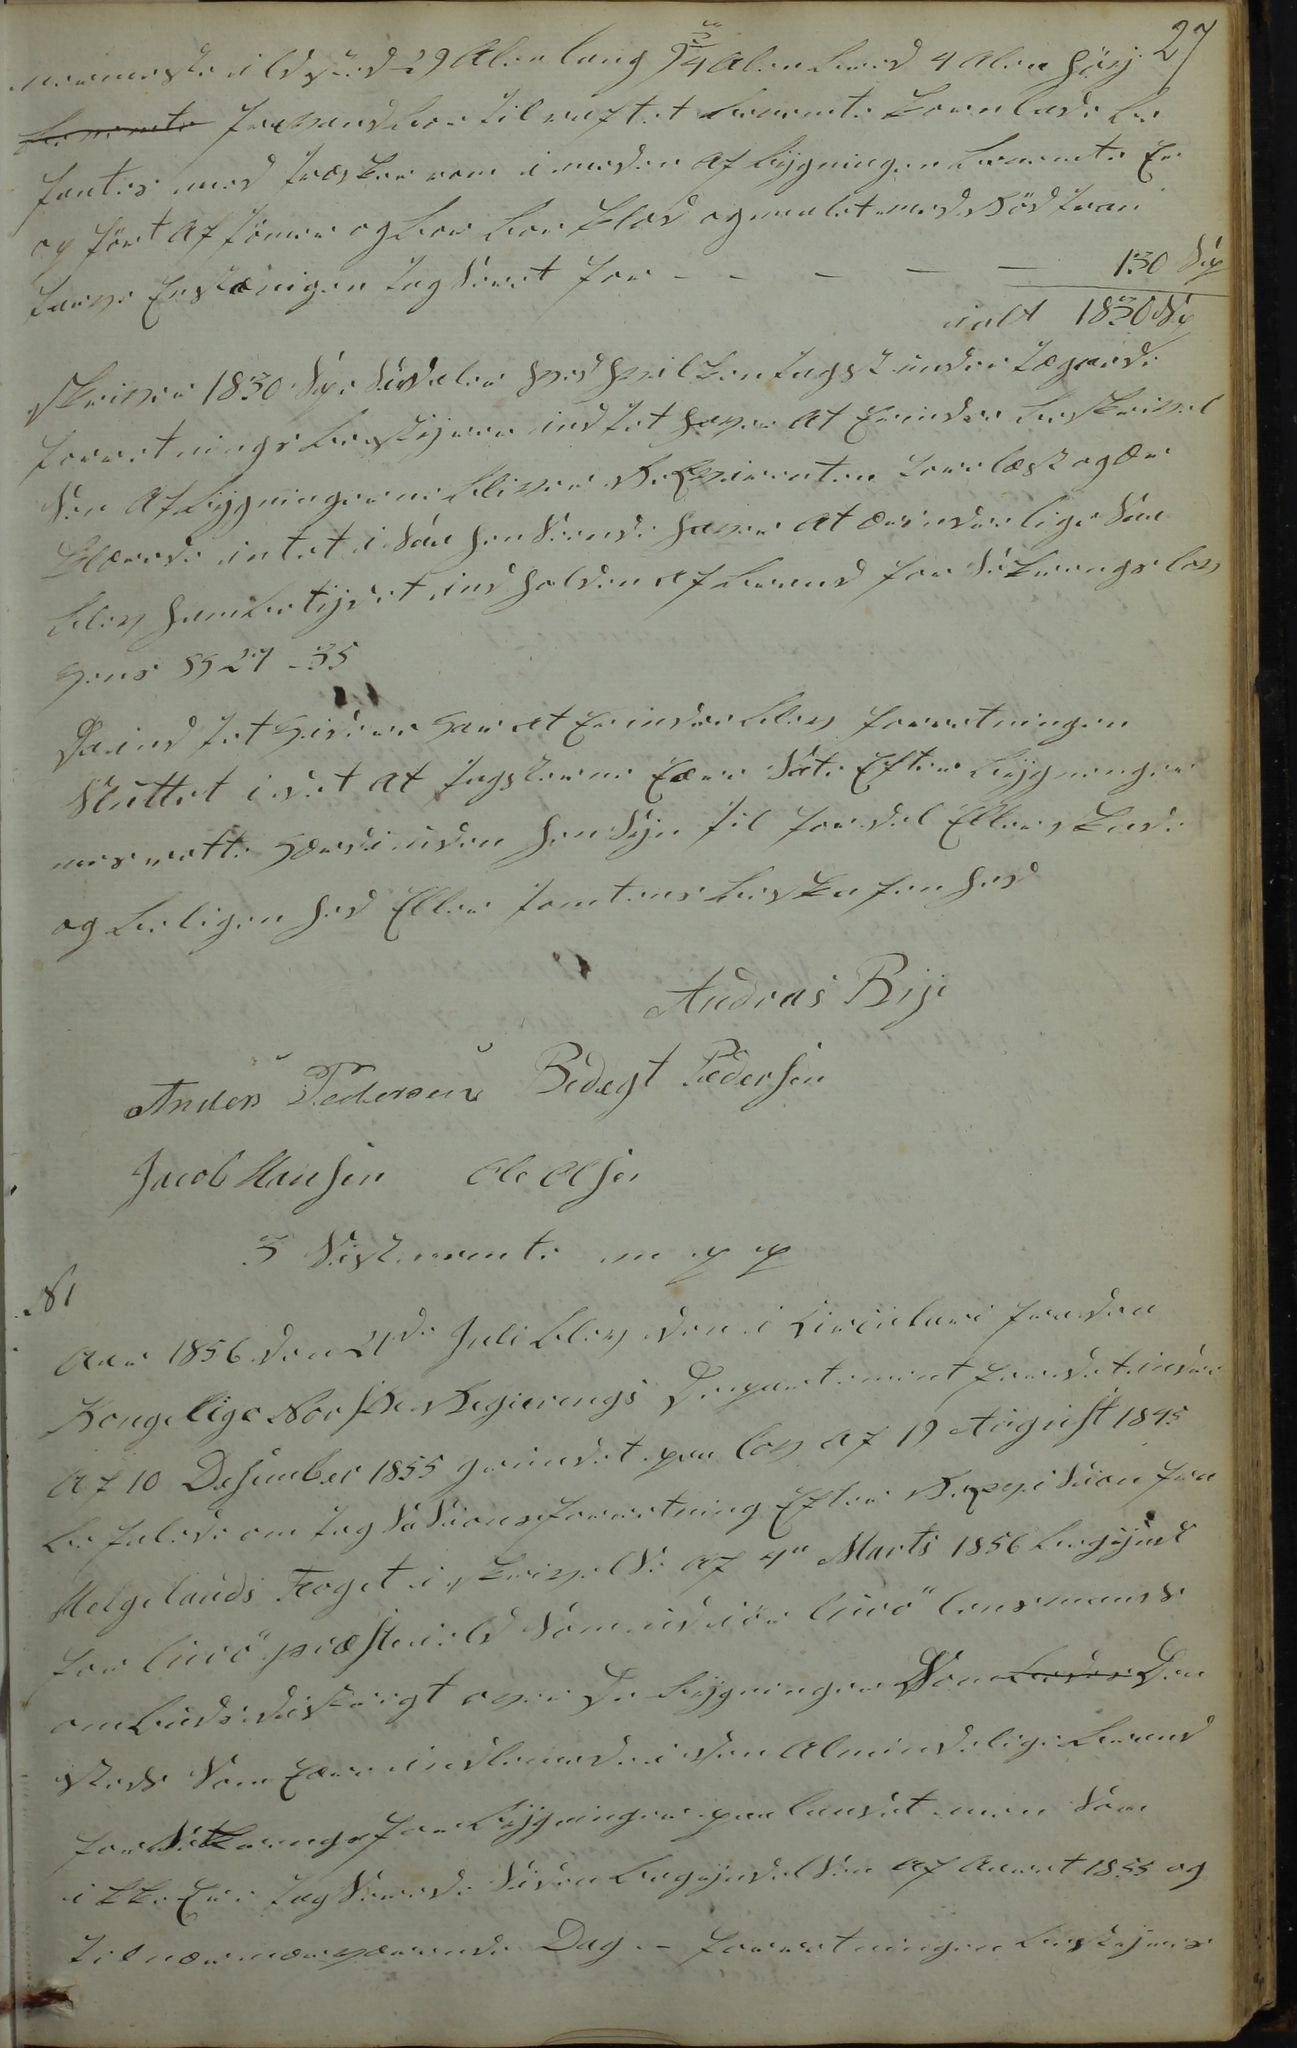 AIN, Lurøy kommune. Formannskapet, 100/L0001: Møtebok, 1836-1898, s. 27